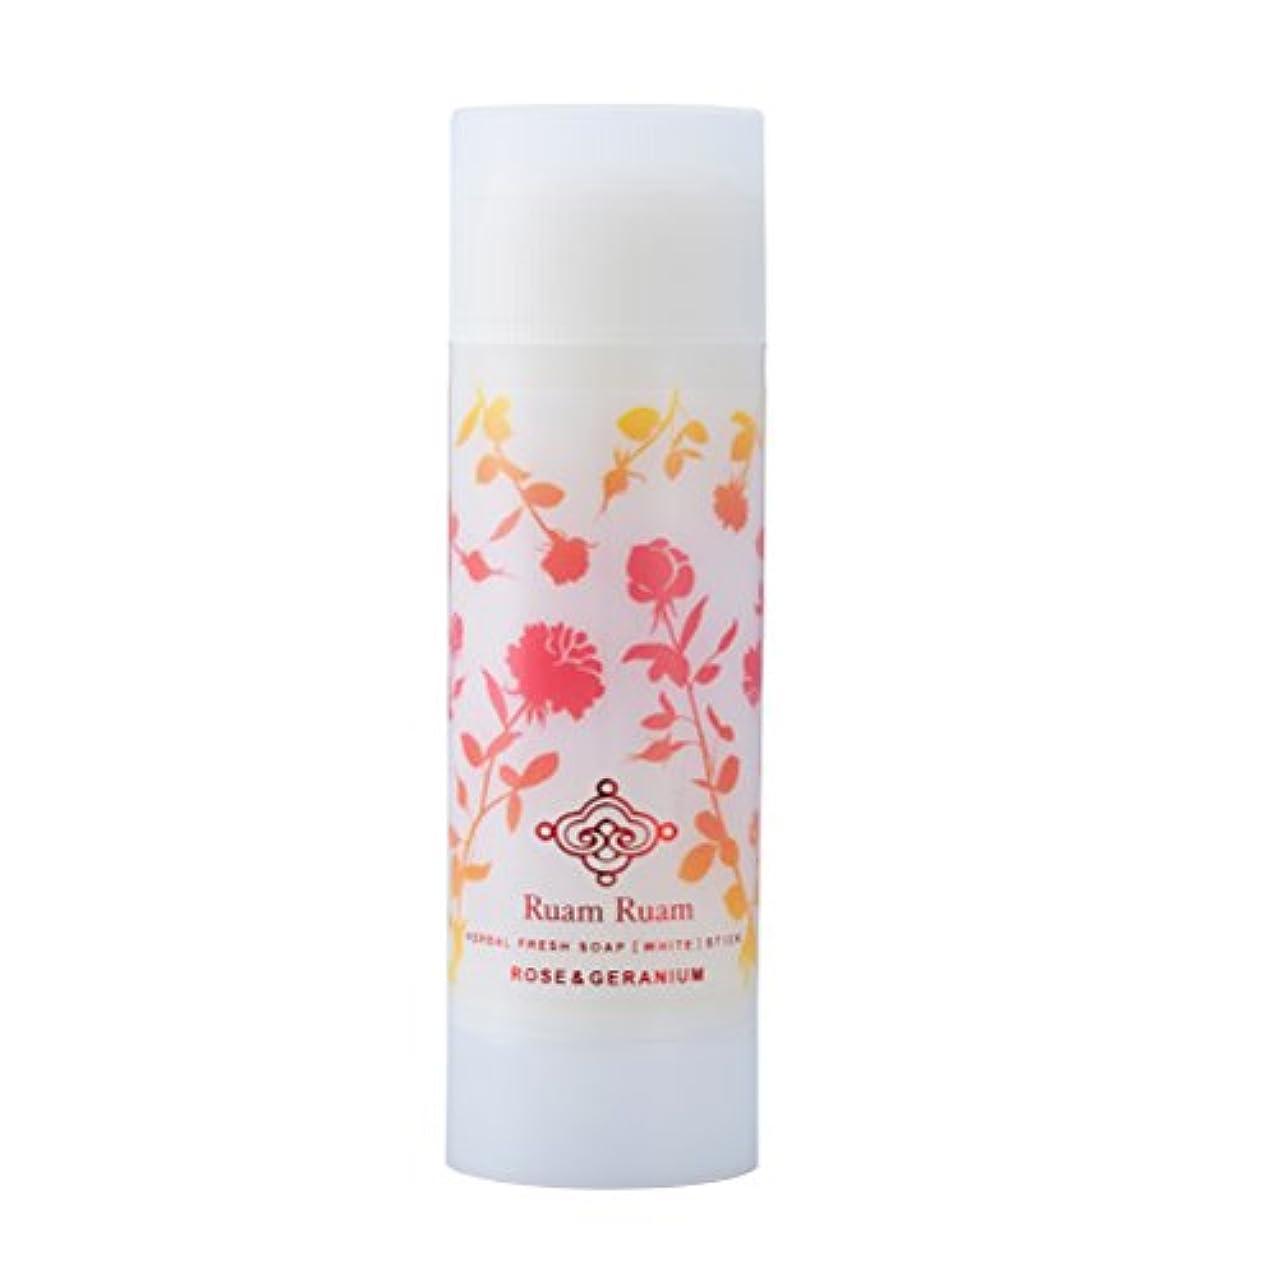 安定宣言名詞ルアンルアン(Ruam Ruam) 洗顔石鹸(白) ローズアンドゼラニウム 90g